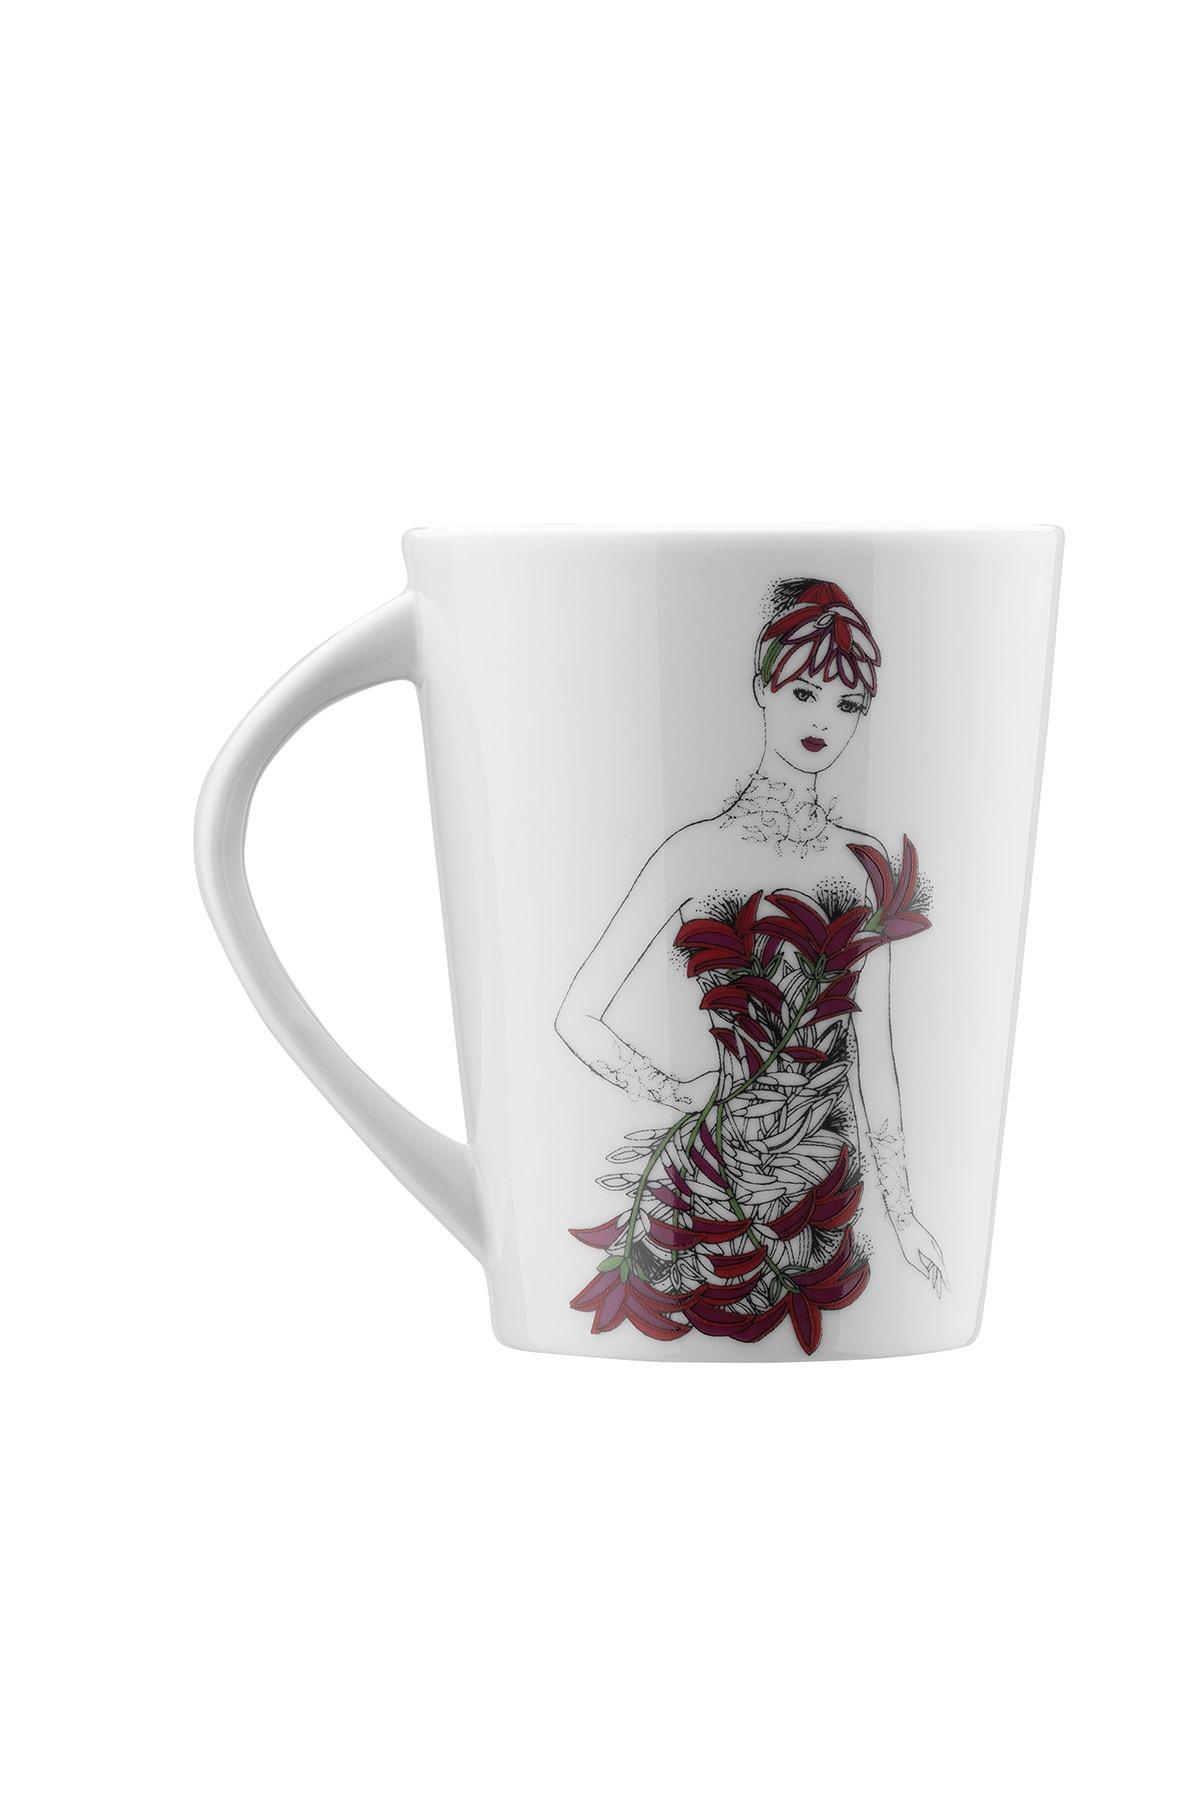 Kütahya Porselen - Kütahya Porselen Kadınlarım Serisi 9445 Desen Mug Bardak